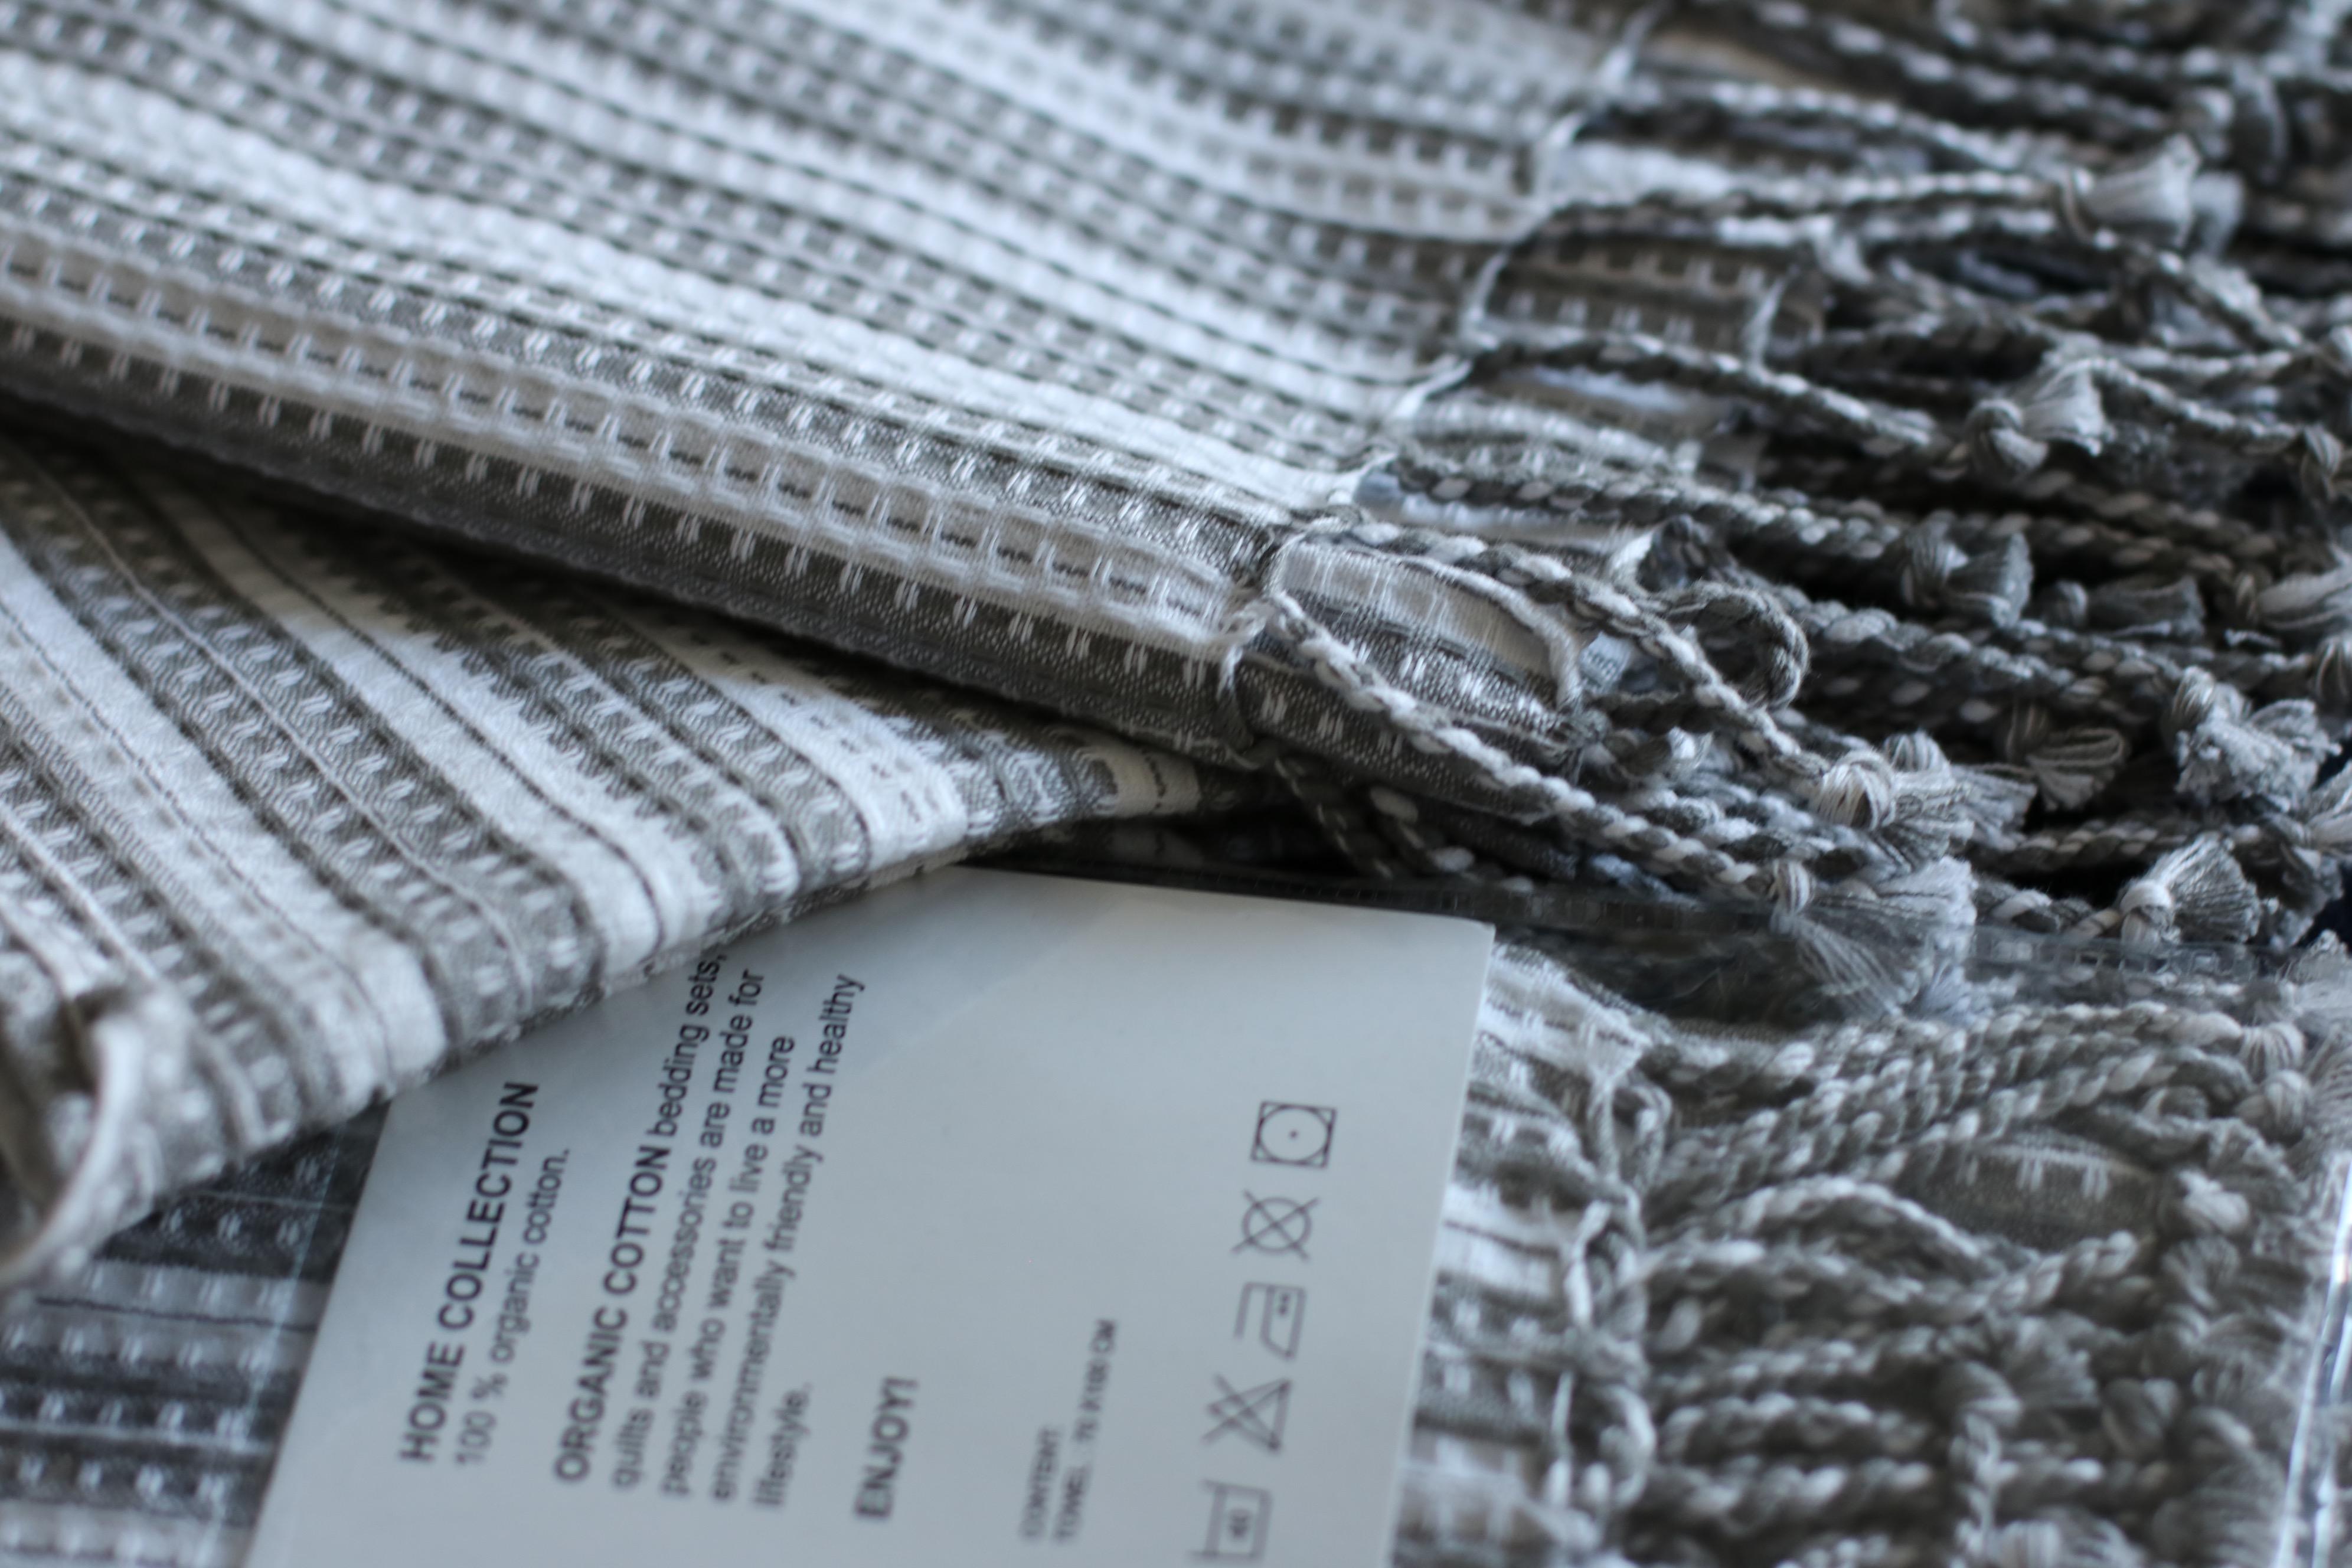 De här handdukarna är gjorda i samma ekologiska bomull som morgonrocken och  de är otroligt sköna och tunna. Jag gillar tunna handdukar 9d398e52d05a1